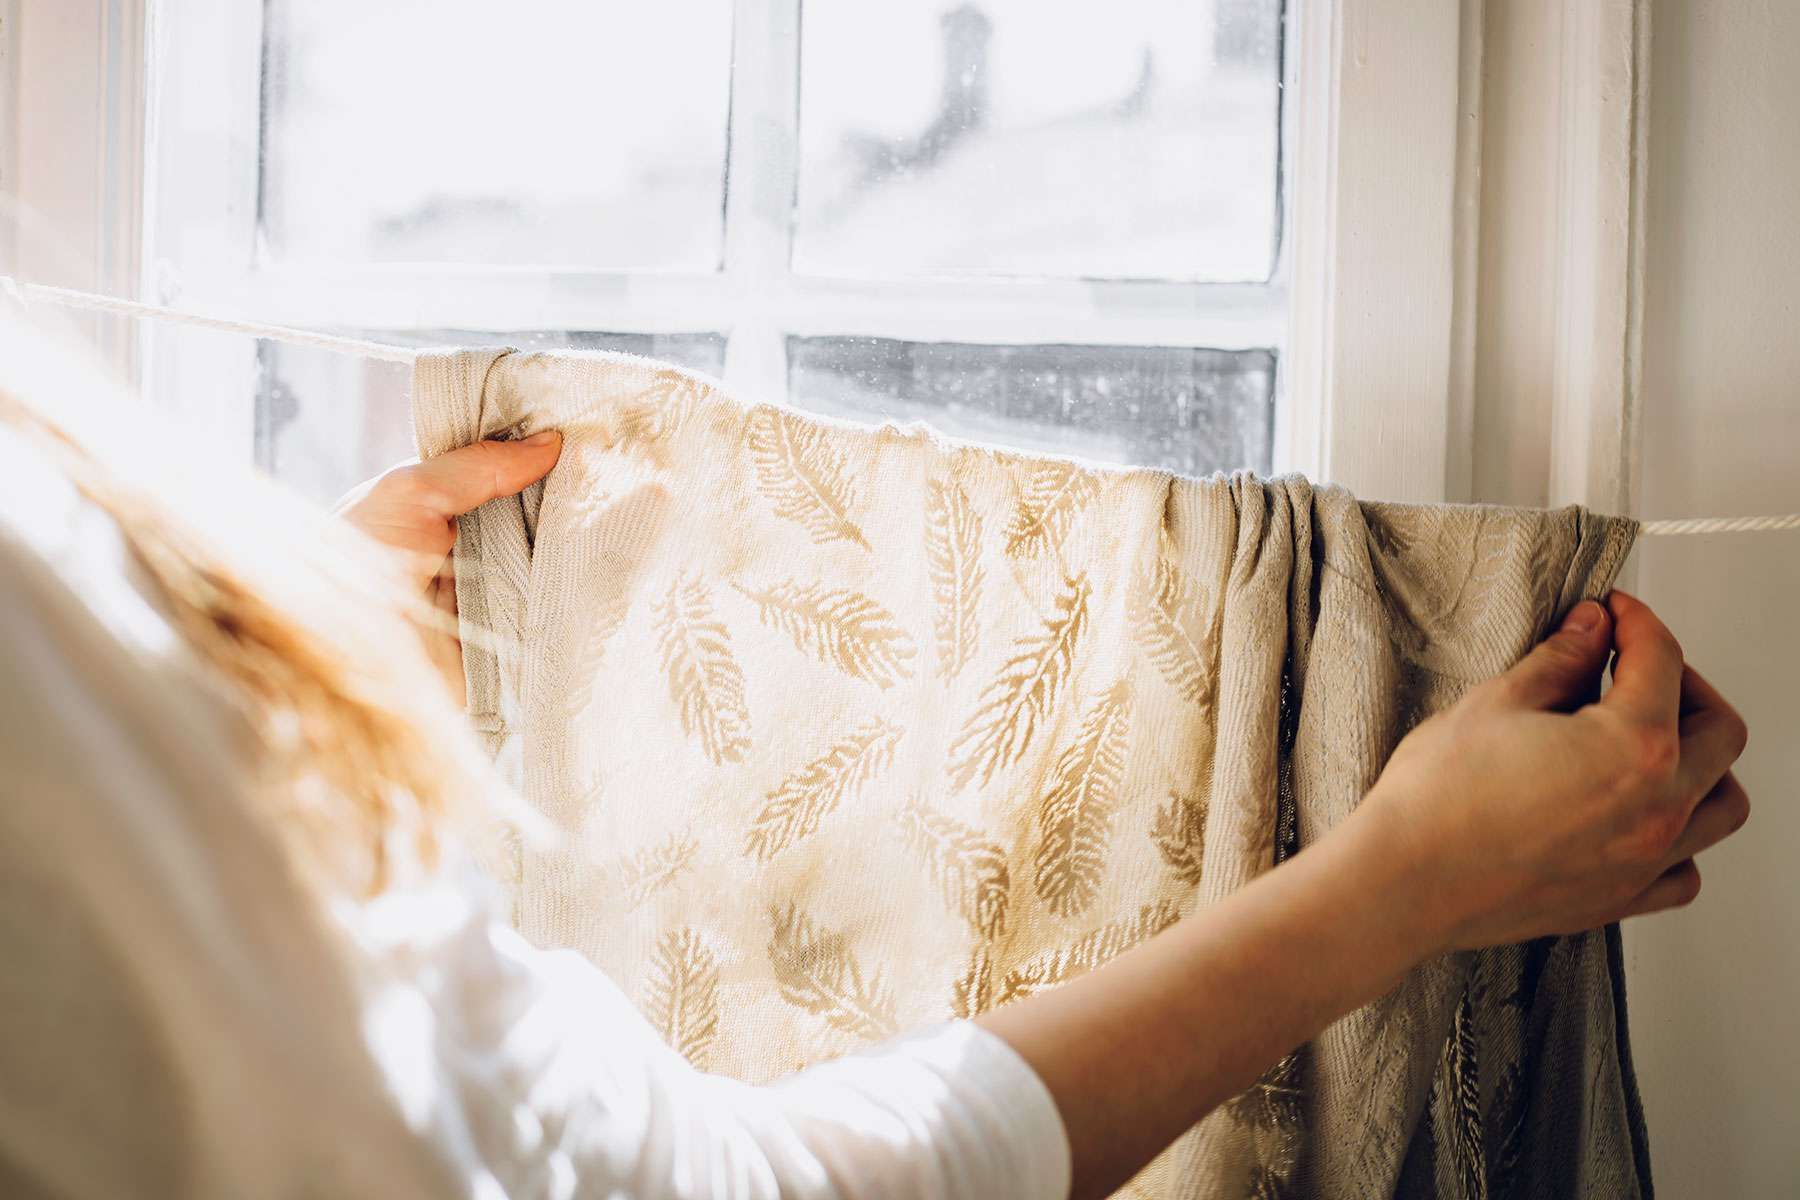 Cách sử dụng nước xịt thơm quần áo và vải hiệu quả